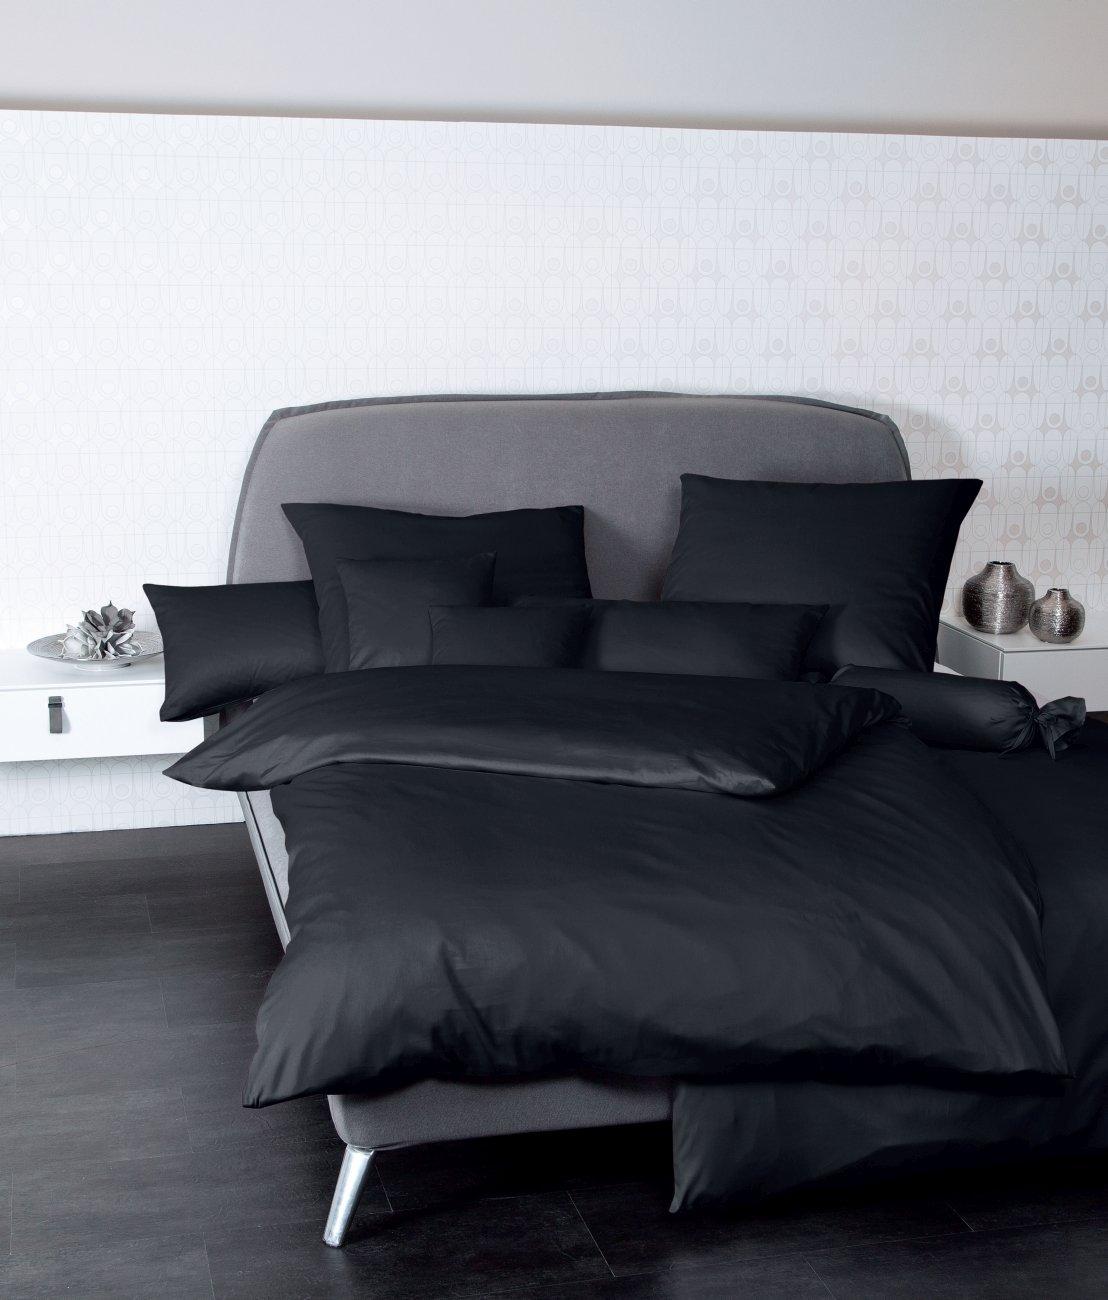 Janine Kissenbezug 40x80 UNI 100% BW Mako-Satin 31001-98 schwarz